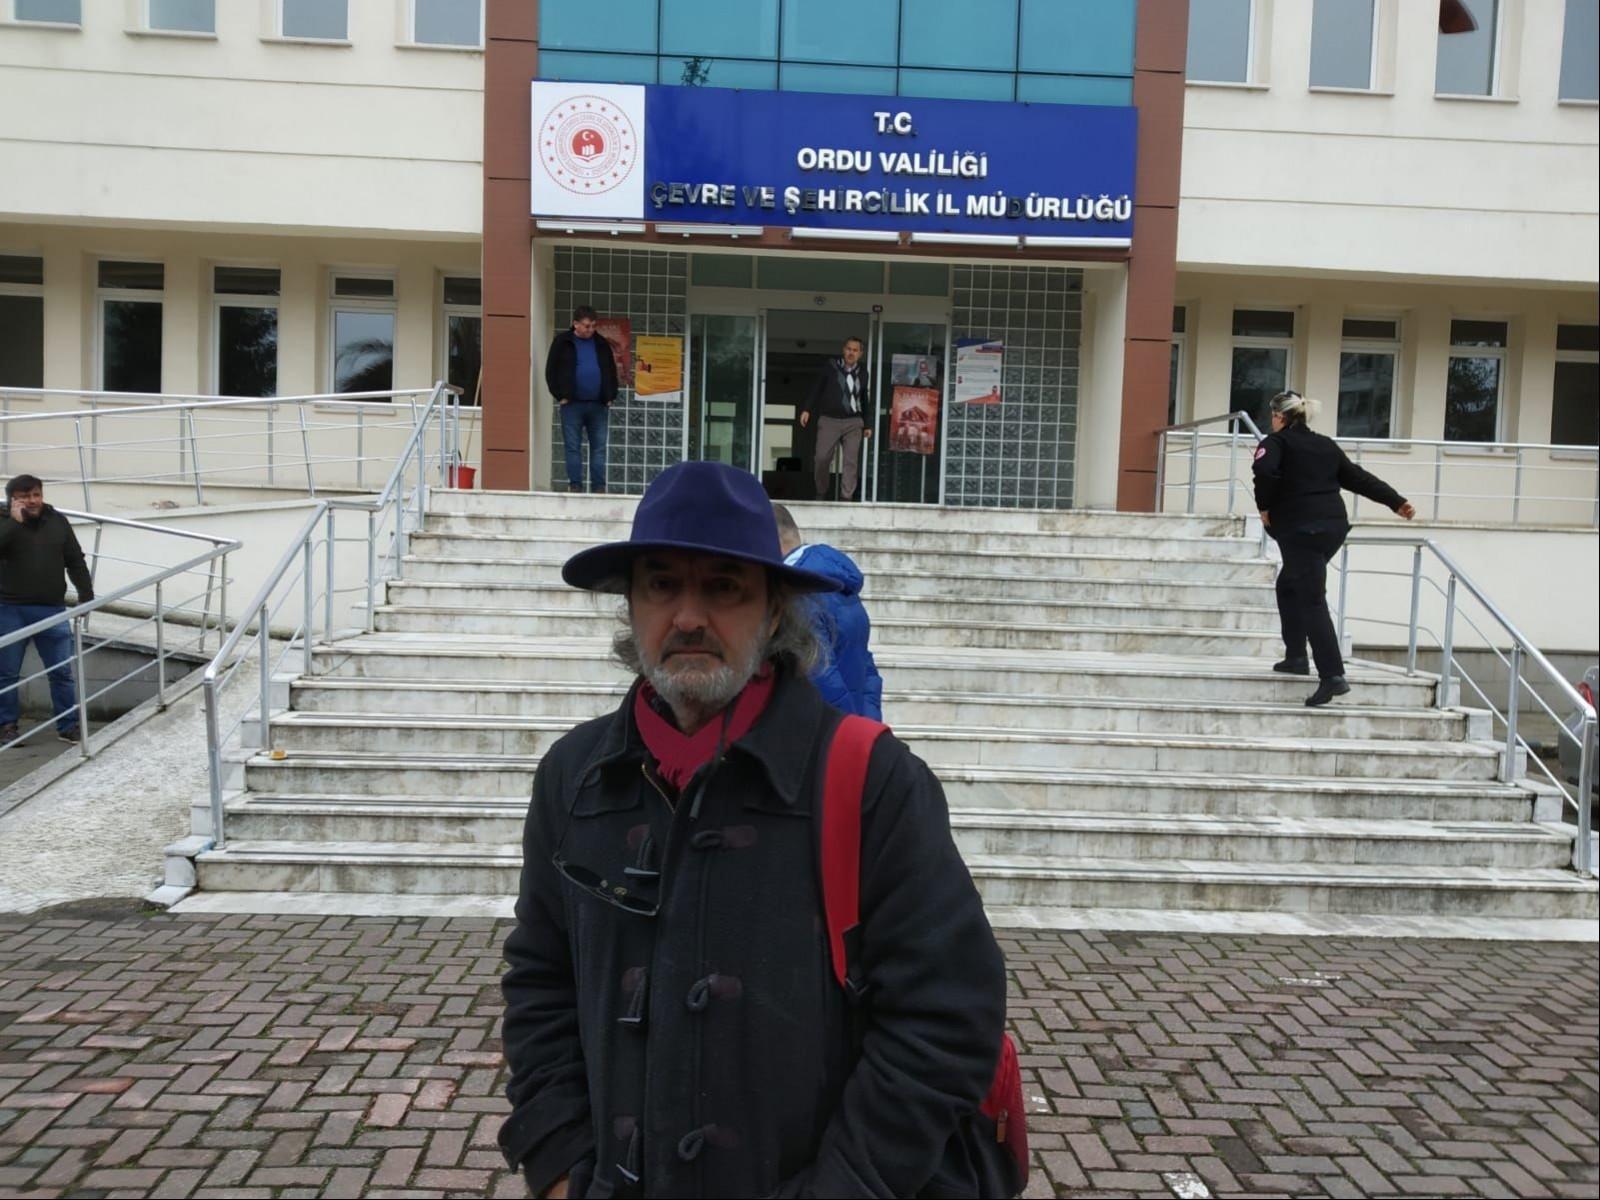 Ertuğrul Gazi Gönül Ordu Valiliği binası önünde verdiği poz